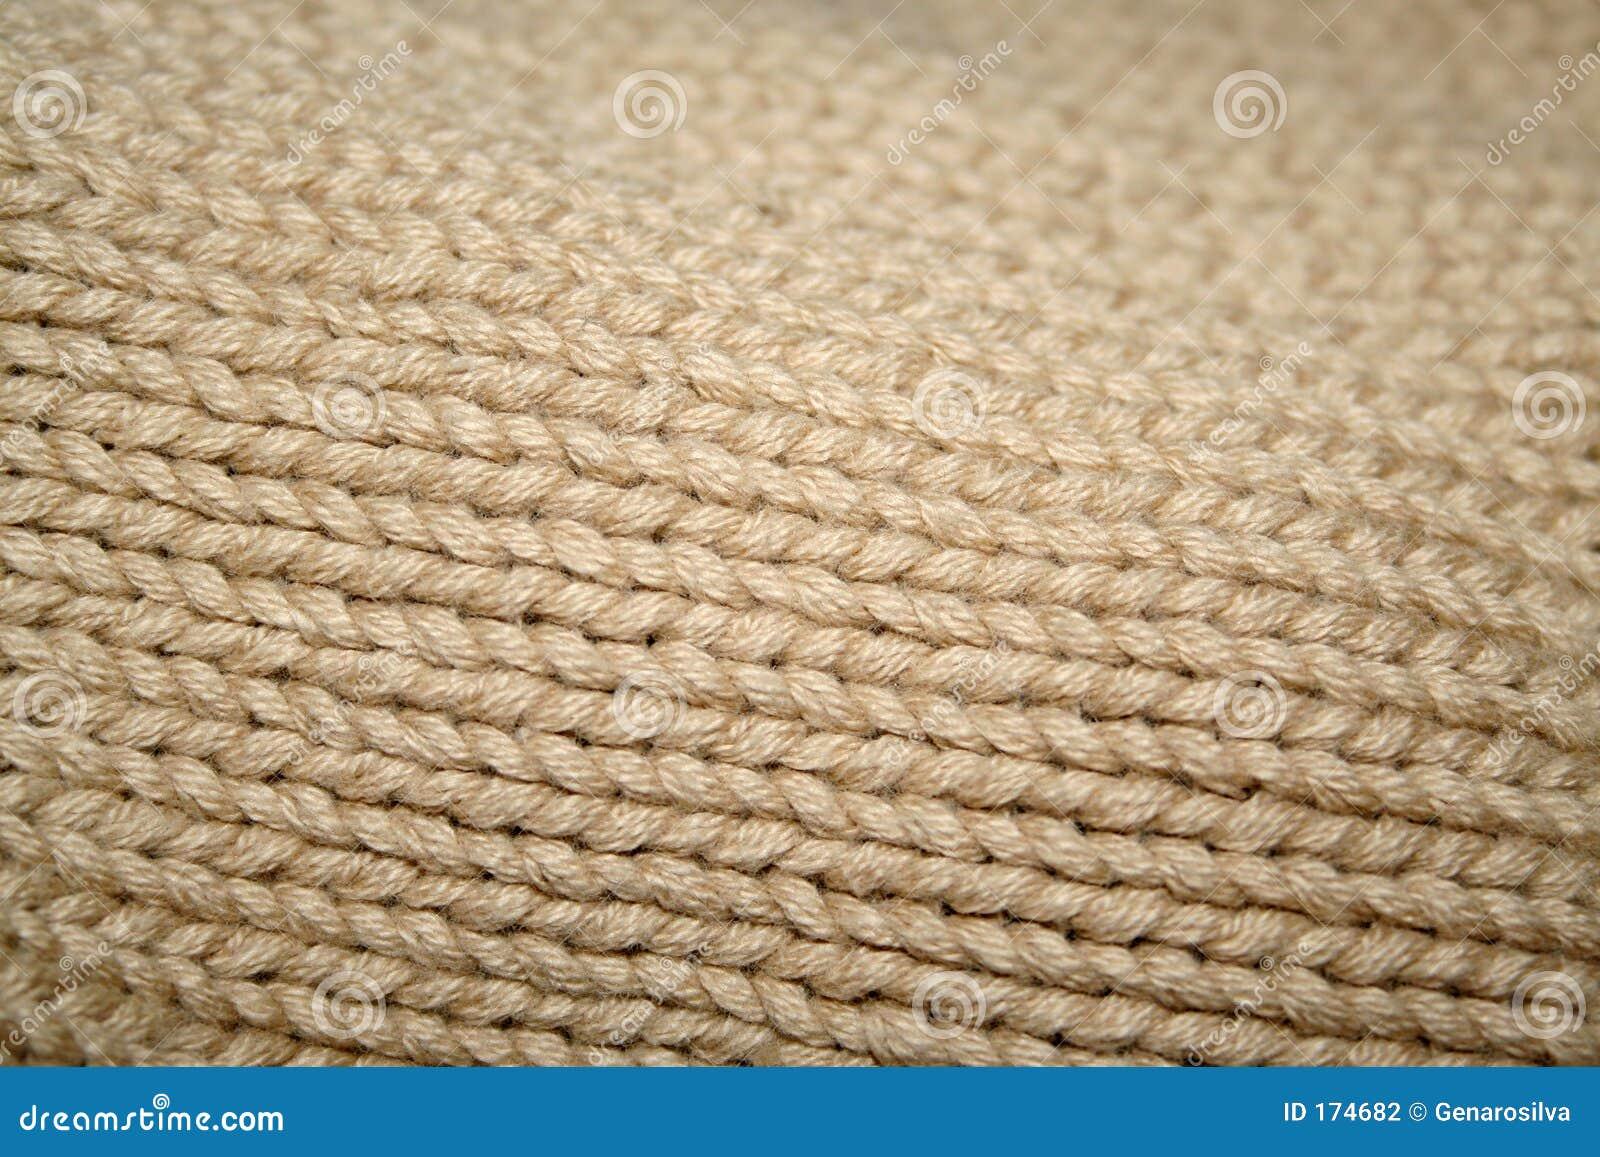 Matéria têxtil natural